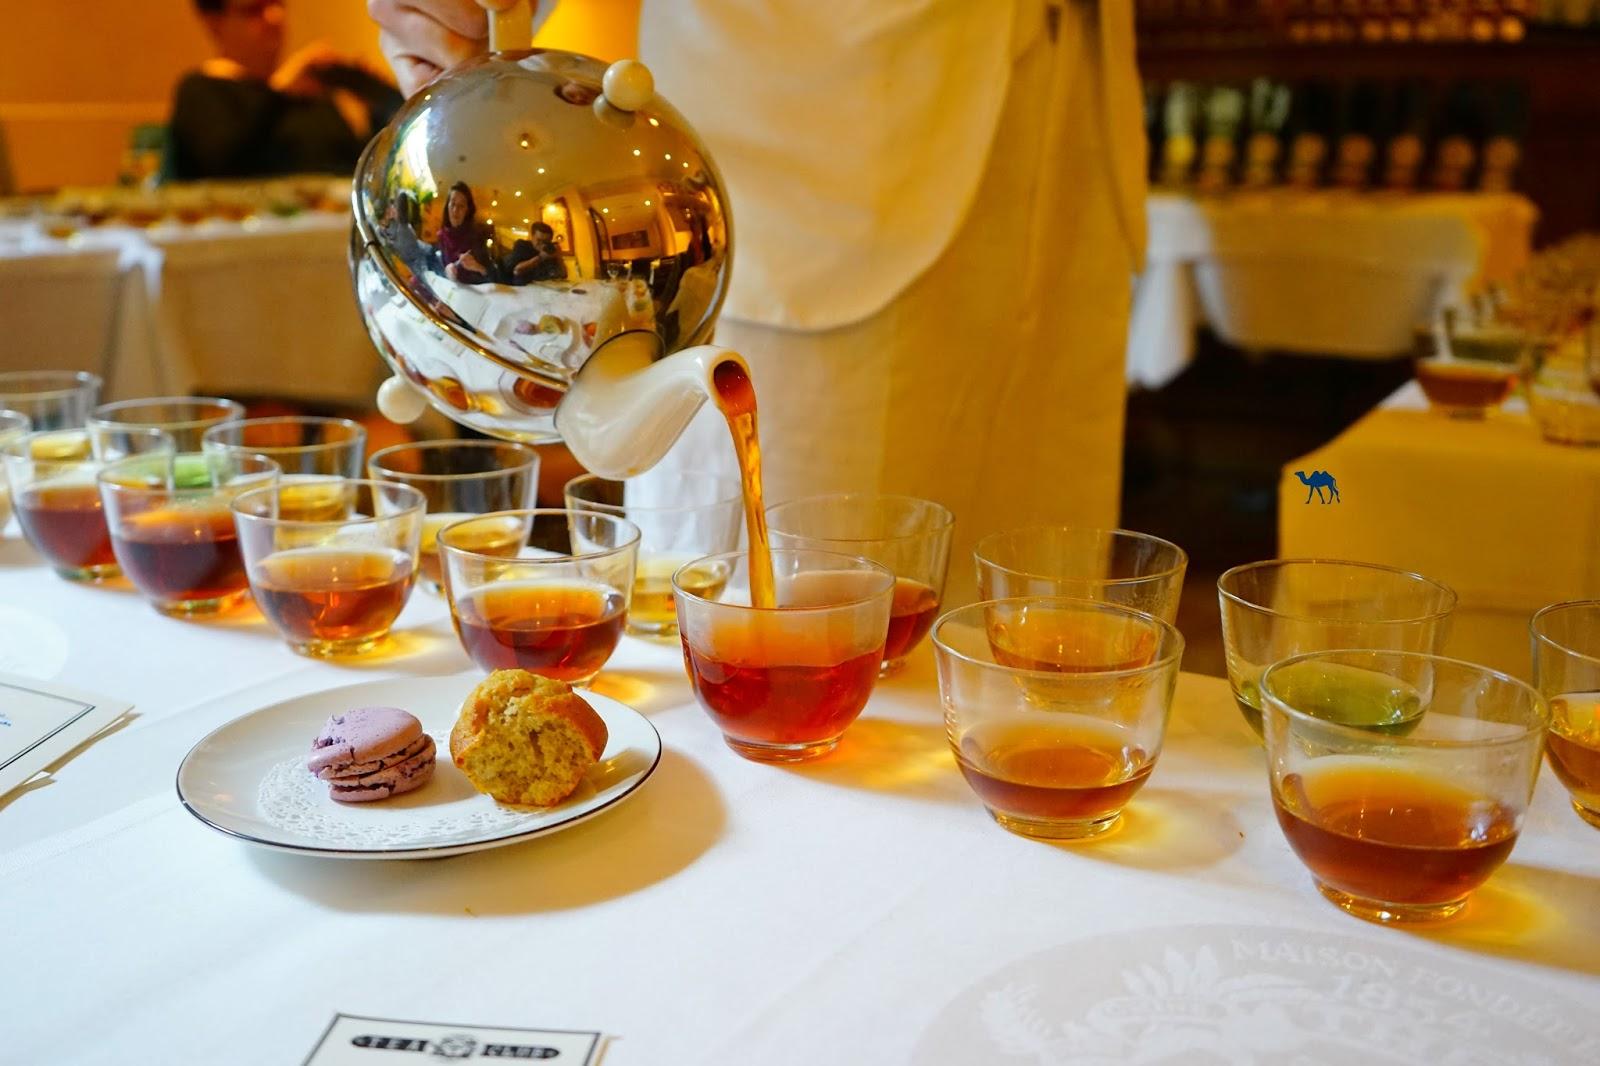 Le Chameau Bleu - Service du Thé - Salon de thé Mariage Frères Paris